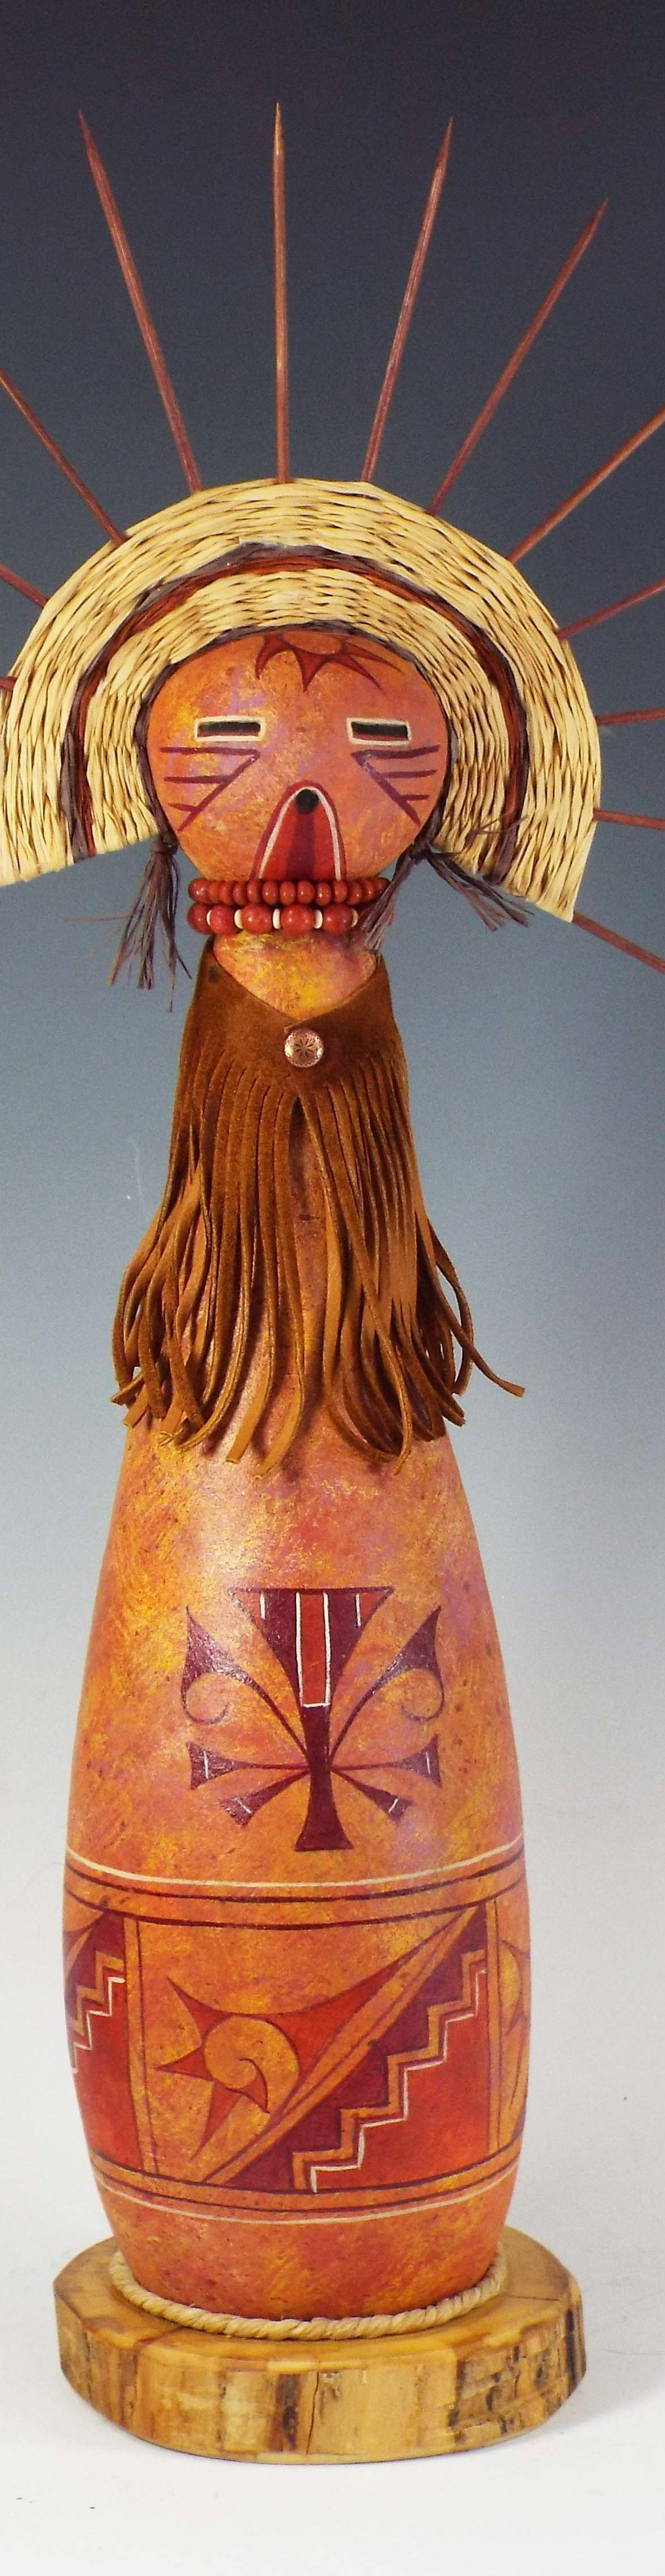 Gretchen, Judy Richie Gourd Art, Rogoway Gallery